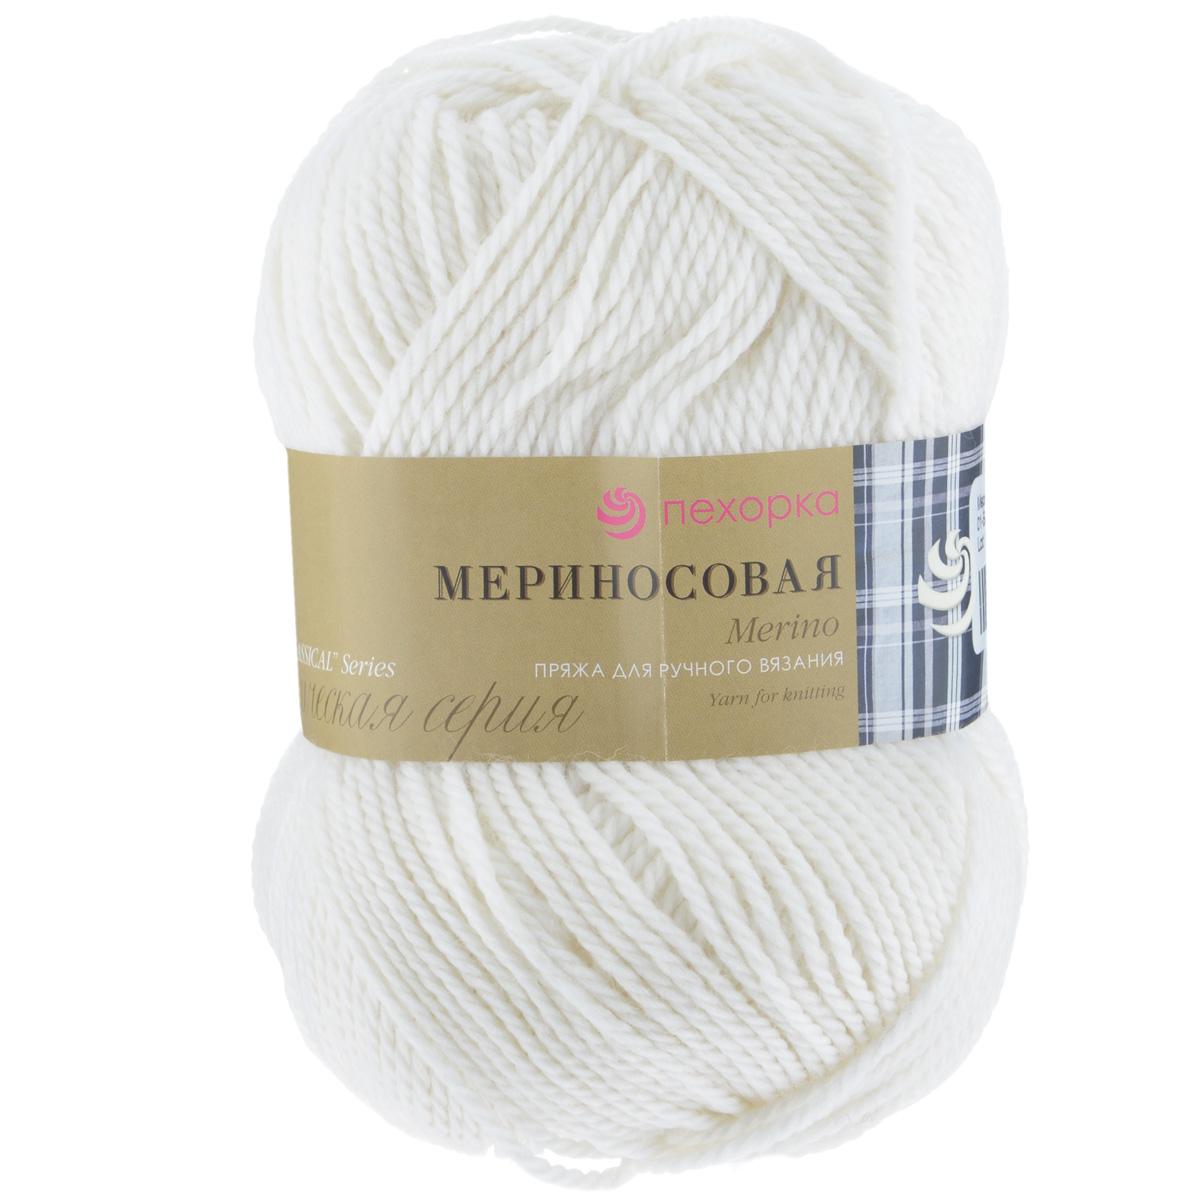 Пряжа для вязания Пехорка Мериносовая, цвет: белый (01), 200 м, 100 г, 10 шт пряжа для вязания пехорка мериносовая цвет изумрудный 335 200 м 100 г 10 шт